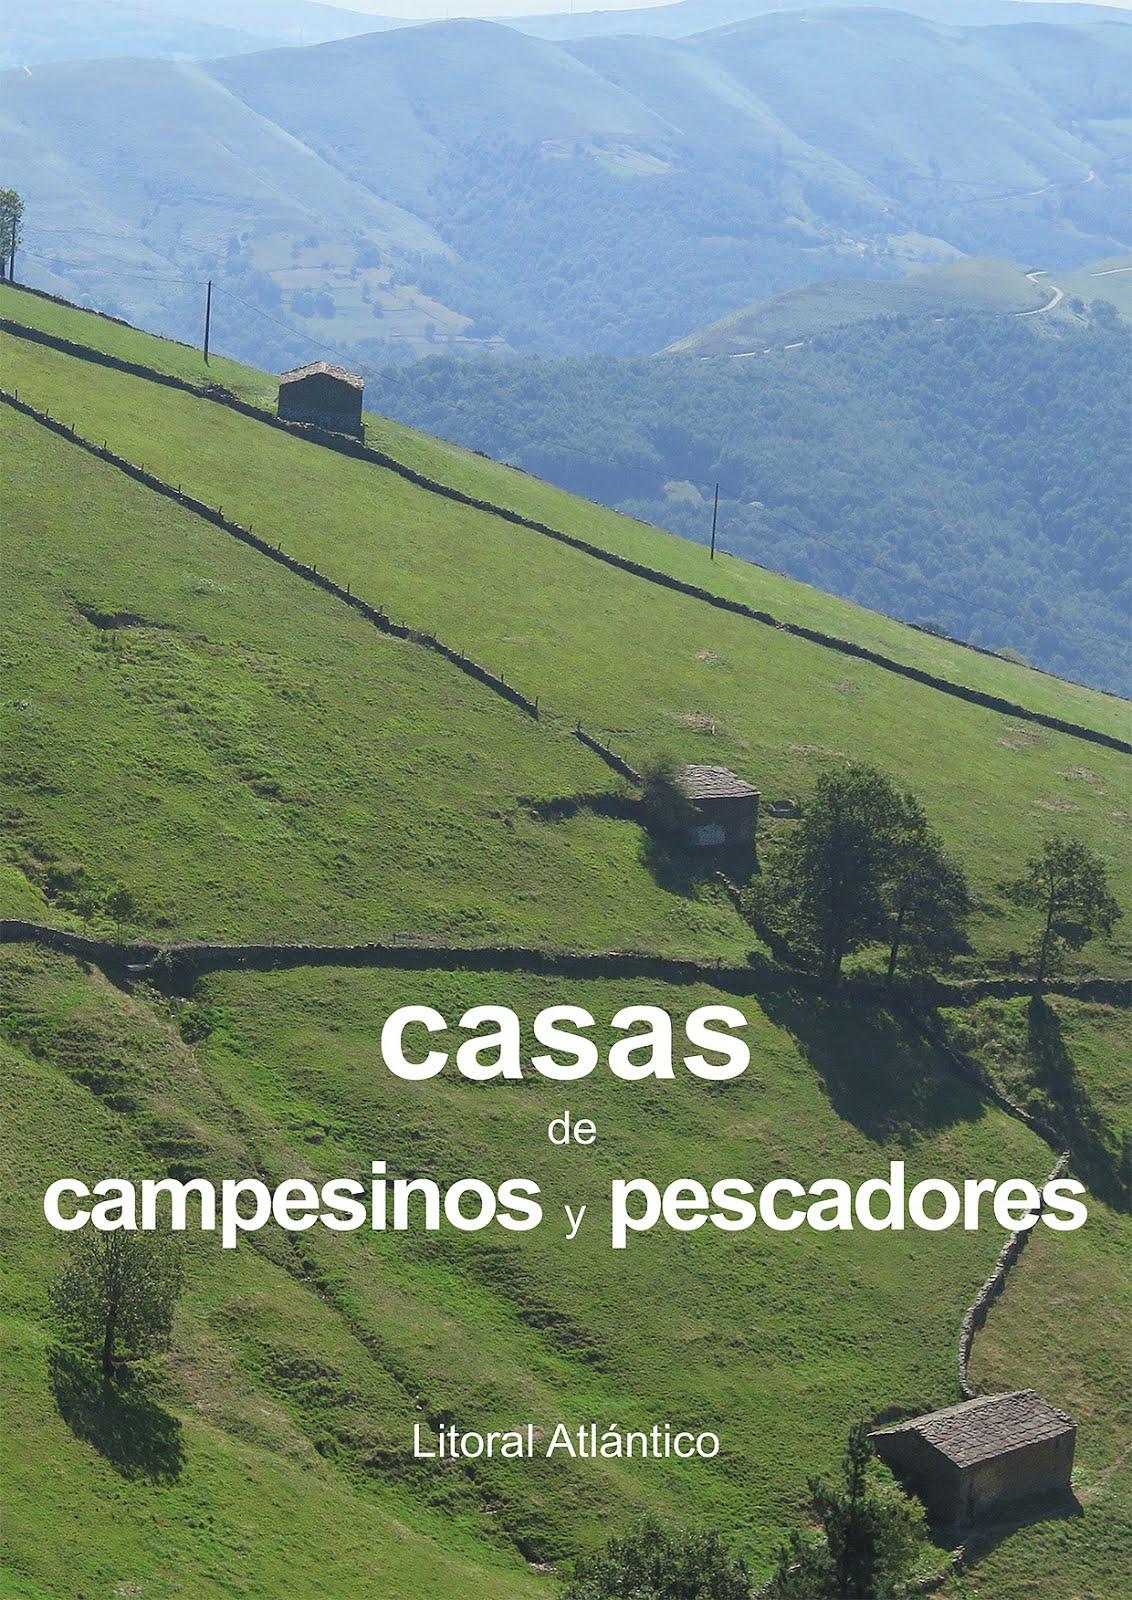 CASAS DE CAMPESINOS Y PESCADORES